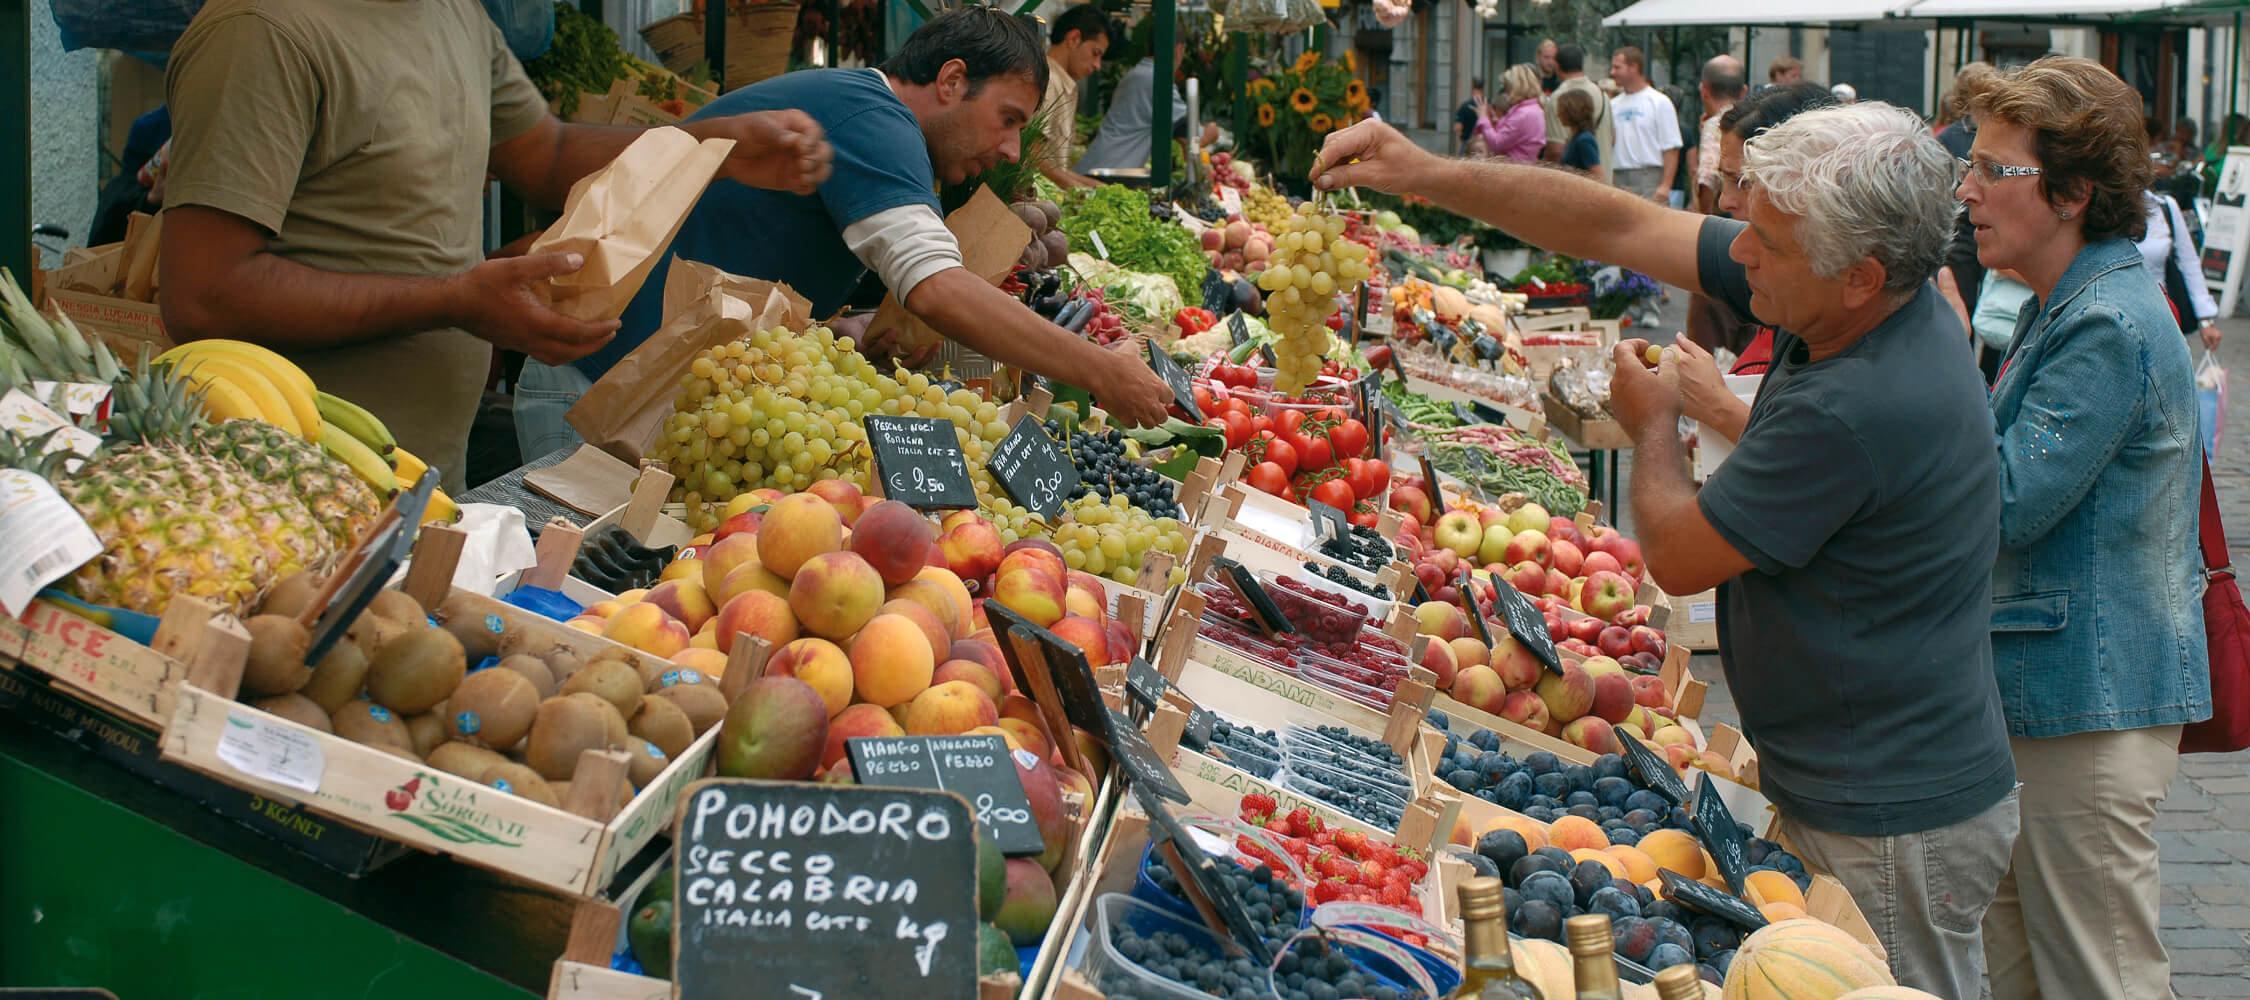 Italien-Trentino_Suedtirol_Alto_Adige_Merano_Meran_Lifestyle_Markt_Einkaufen_Altstadt_Menschen_IDM-Andree-Kaiser_smg00980anka_2250x1000